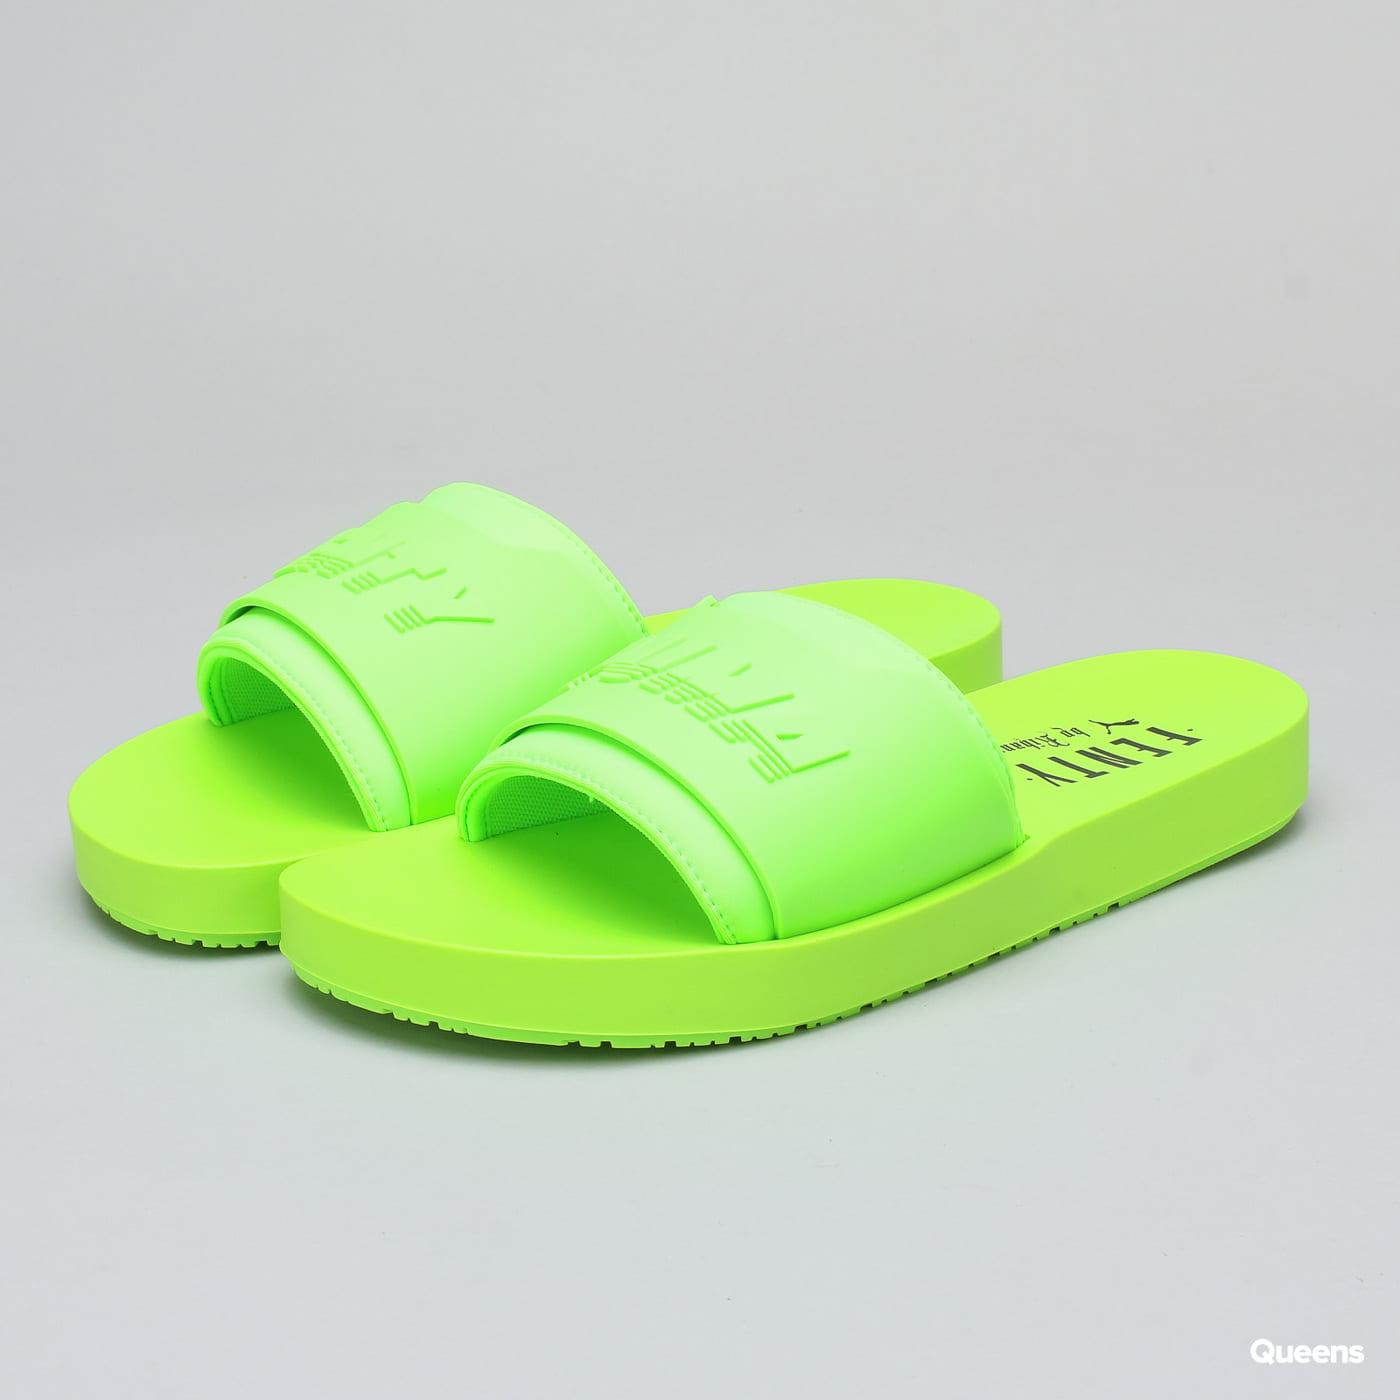 newest b9351 a1a8a Puma Fenty by Rihanna Surf Slide Wn's green gecko - green gecko